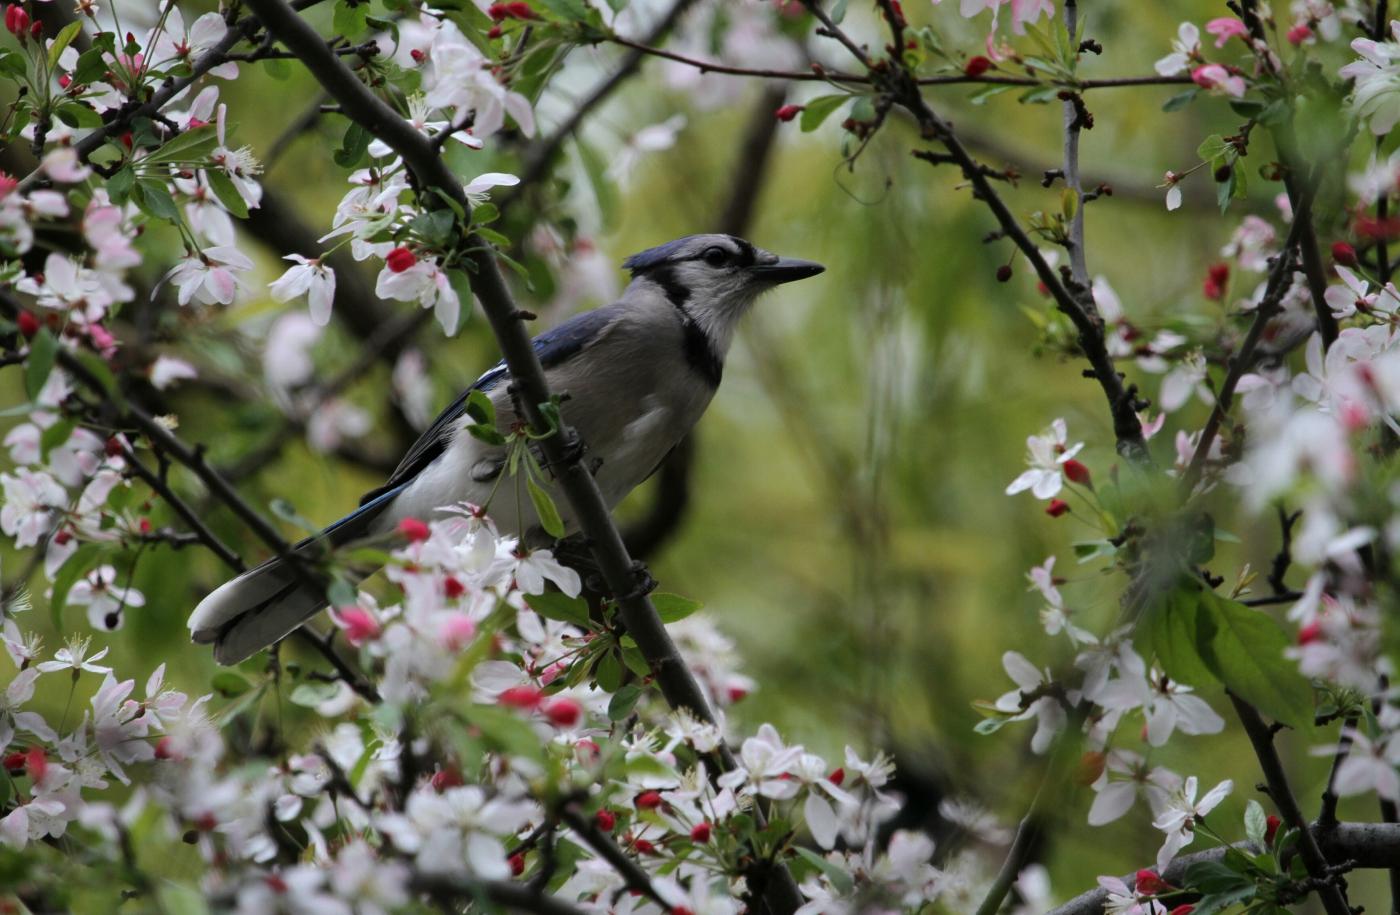 【田螺摄影】春天的随拍_图1-27